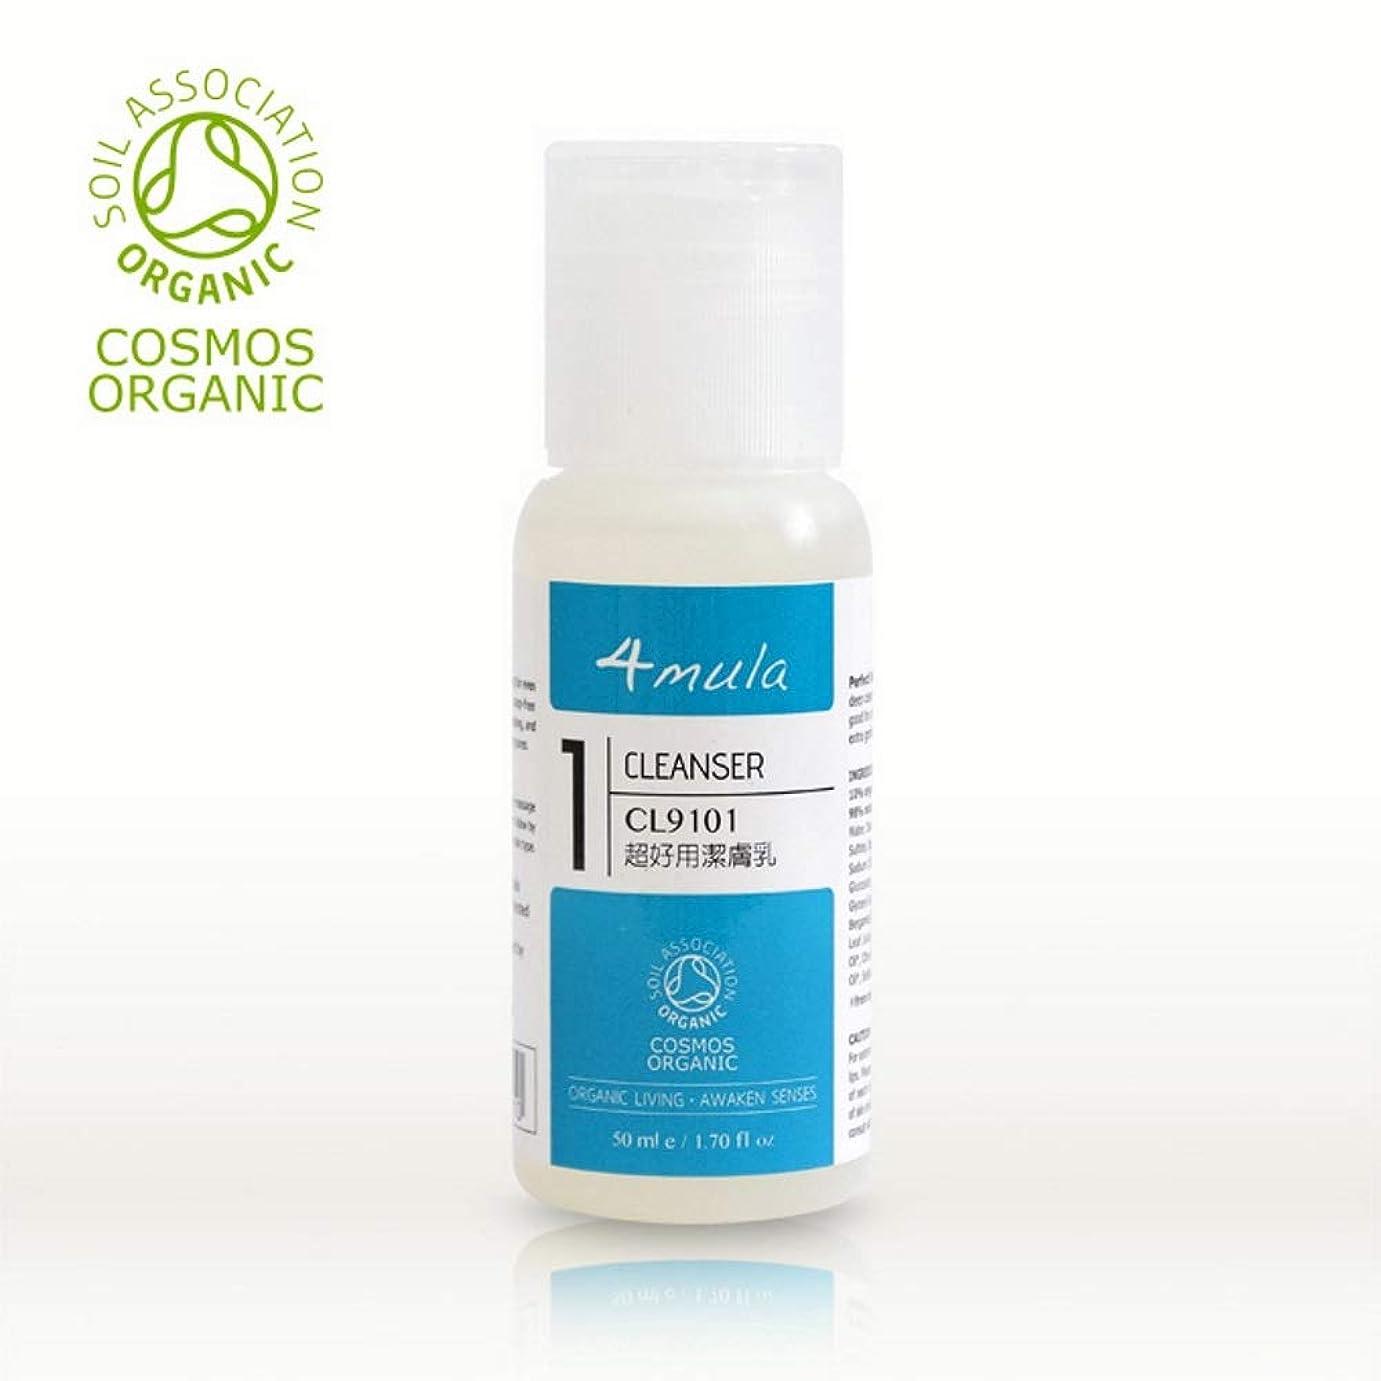 熱狂的な柔らかい足勧めるCL9101 超好用潔膚乳 PERFECT WASH CL9101 50ml/1.70 fl oz